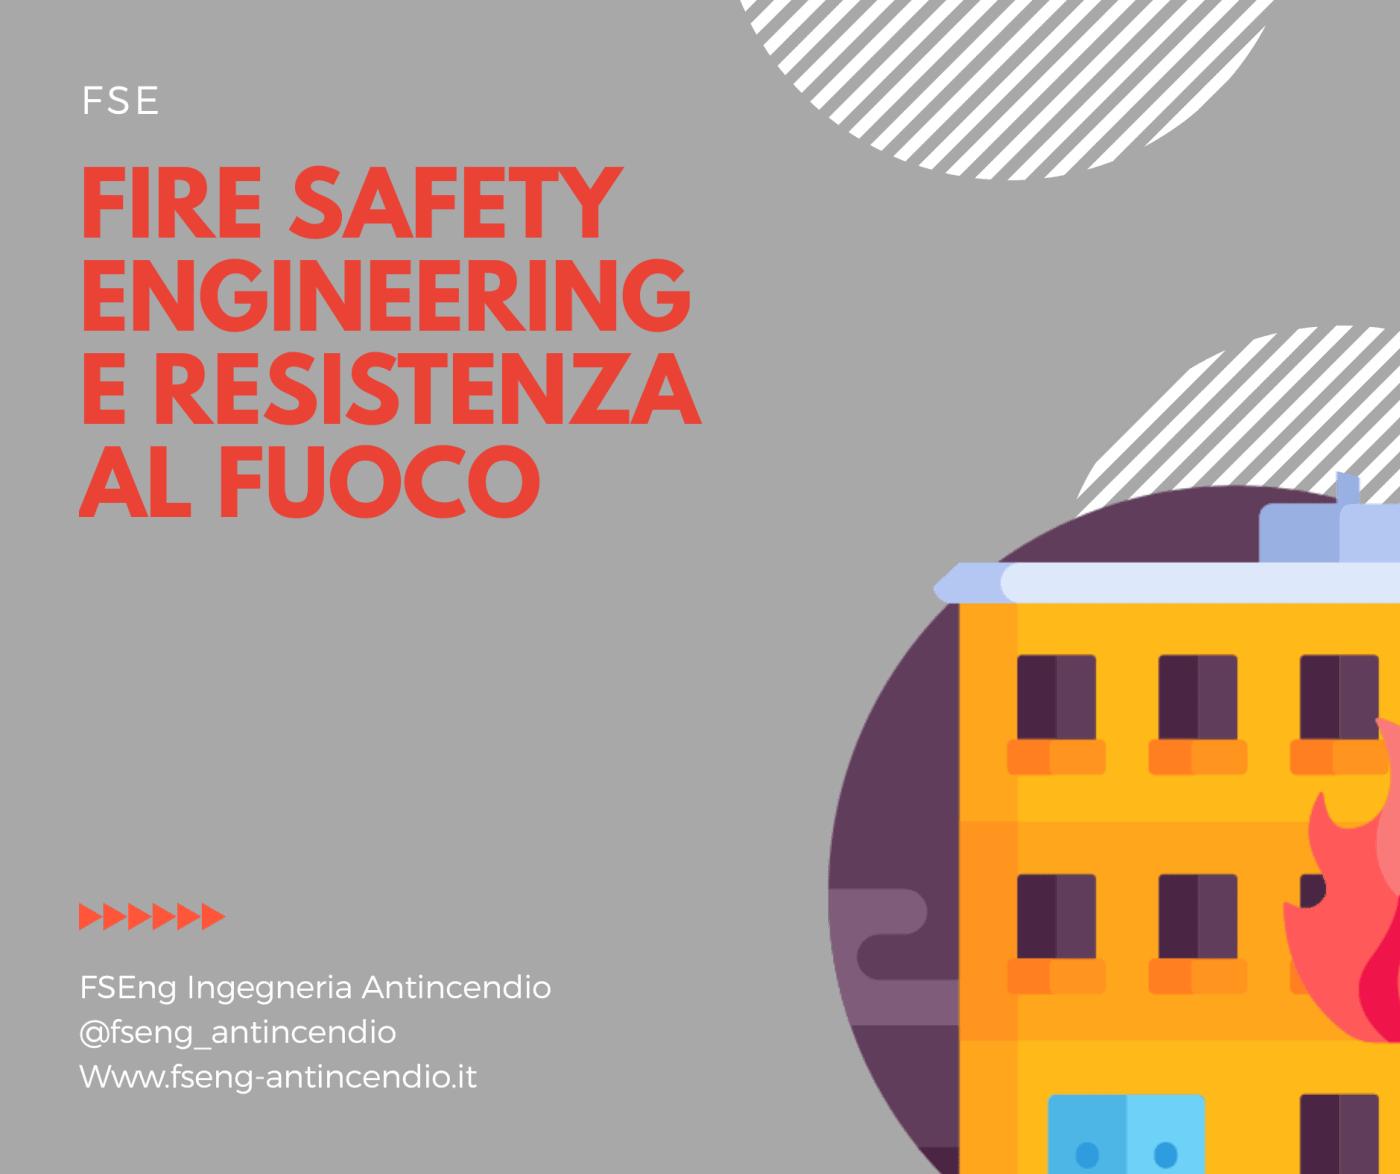 fire safety engineering e resistenza al fuoco